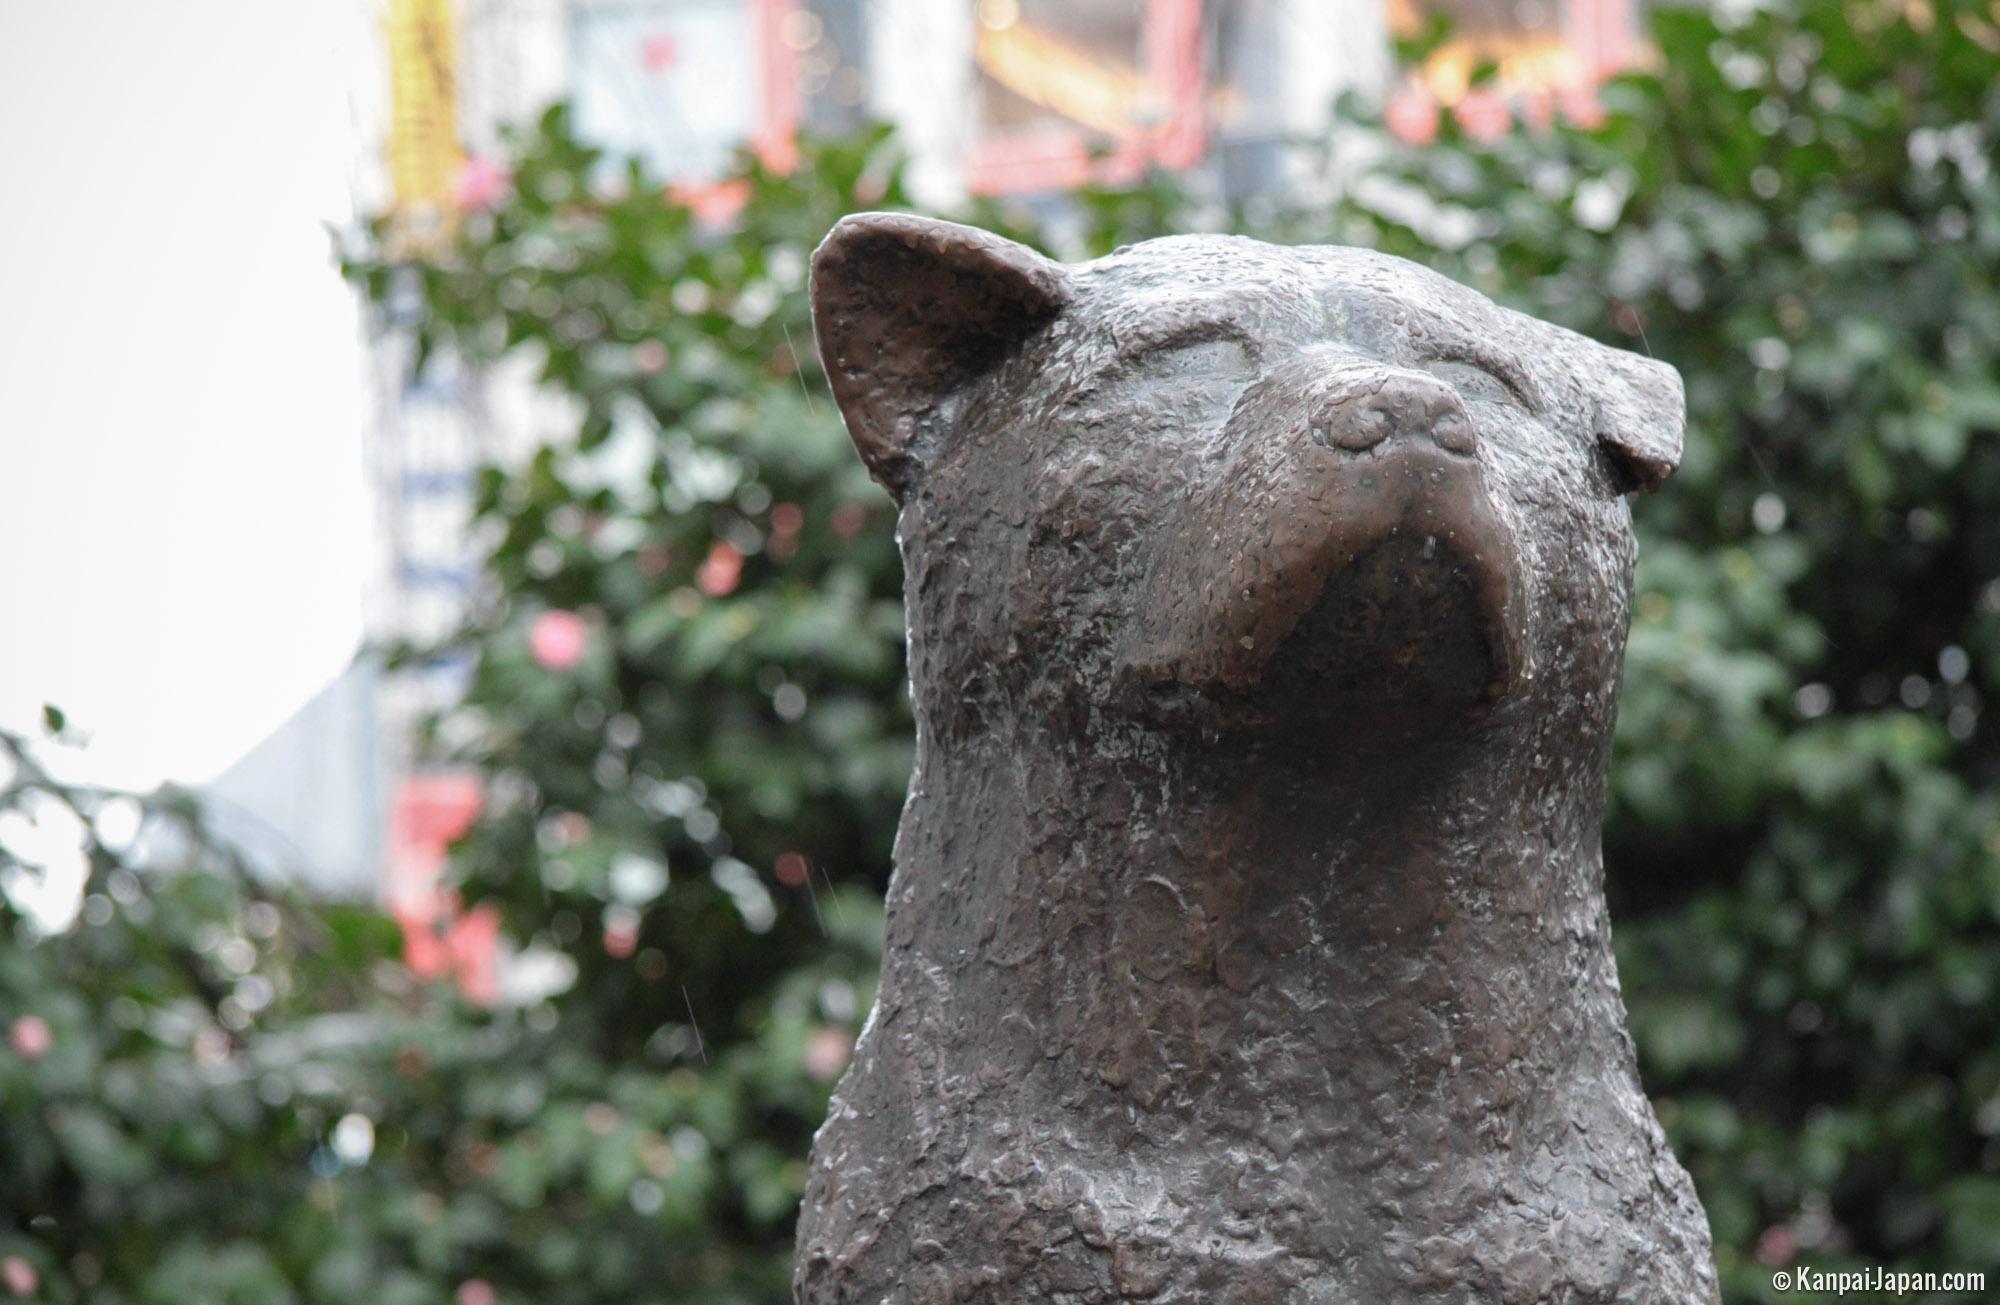 Hachiko The Statue Of Shibuya S Faithful Dog